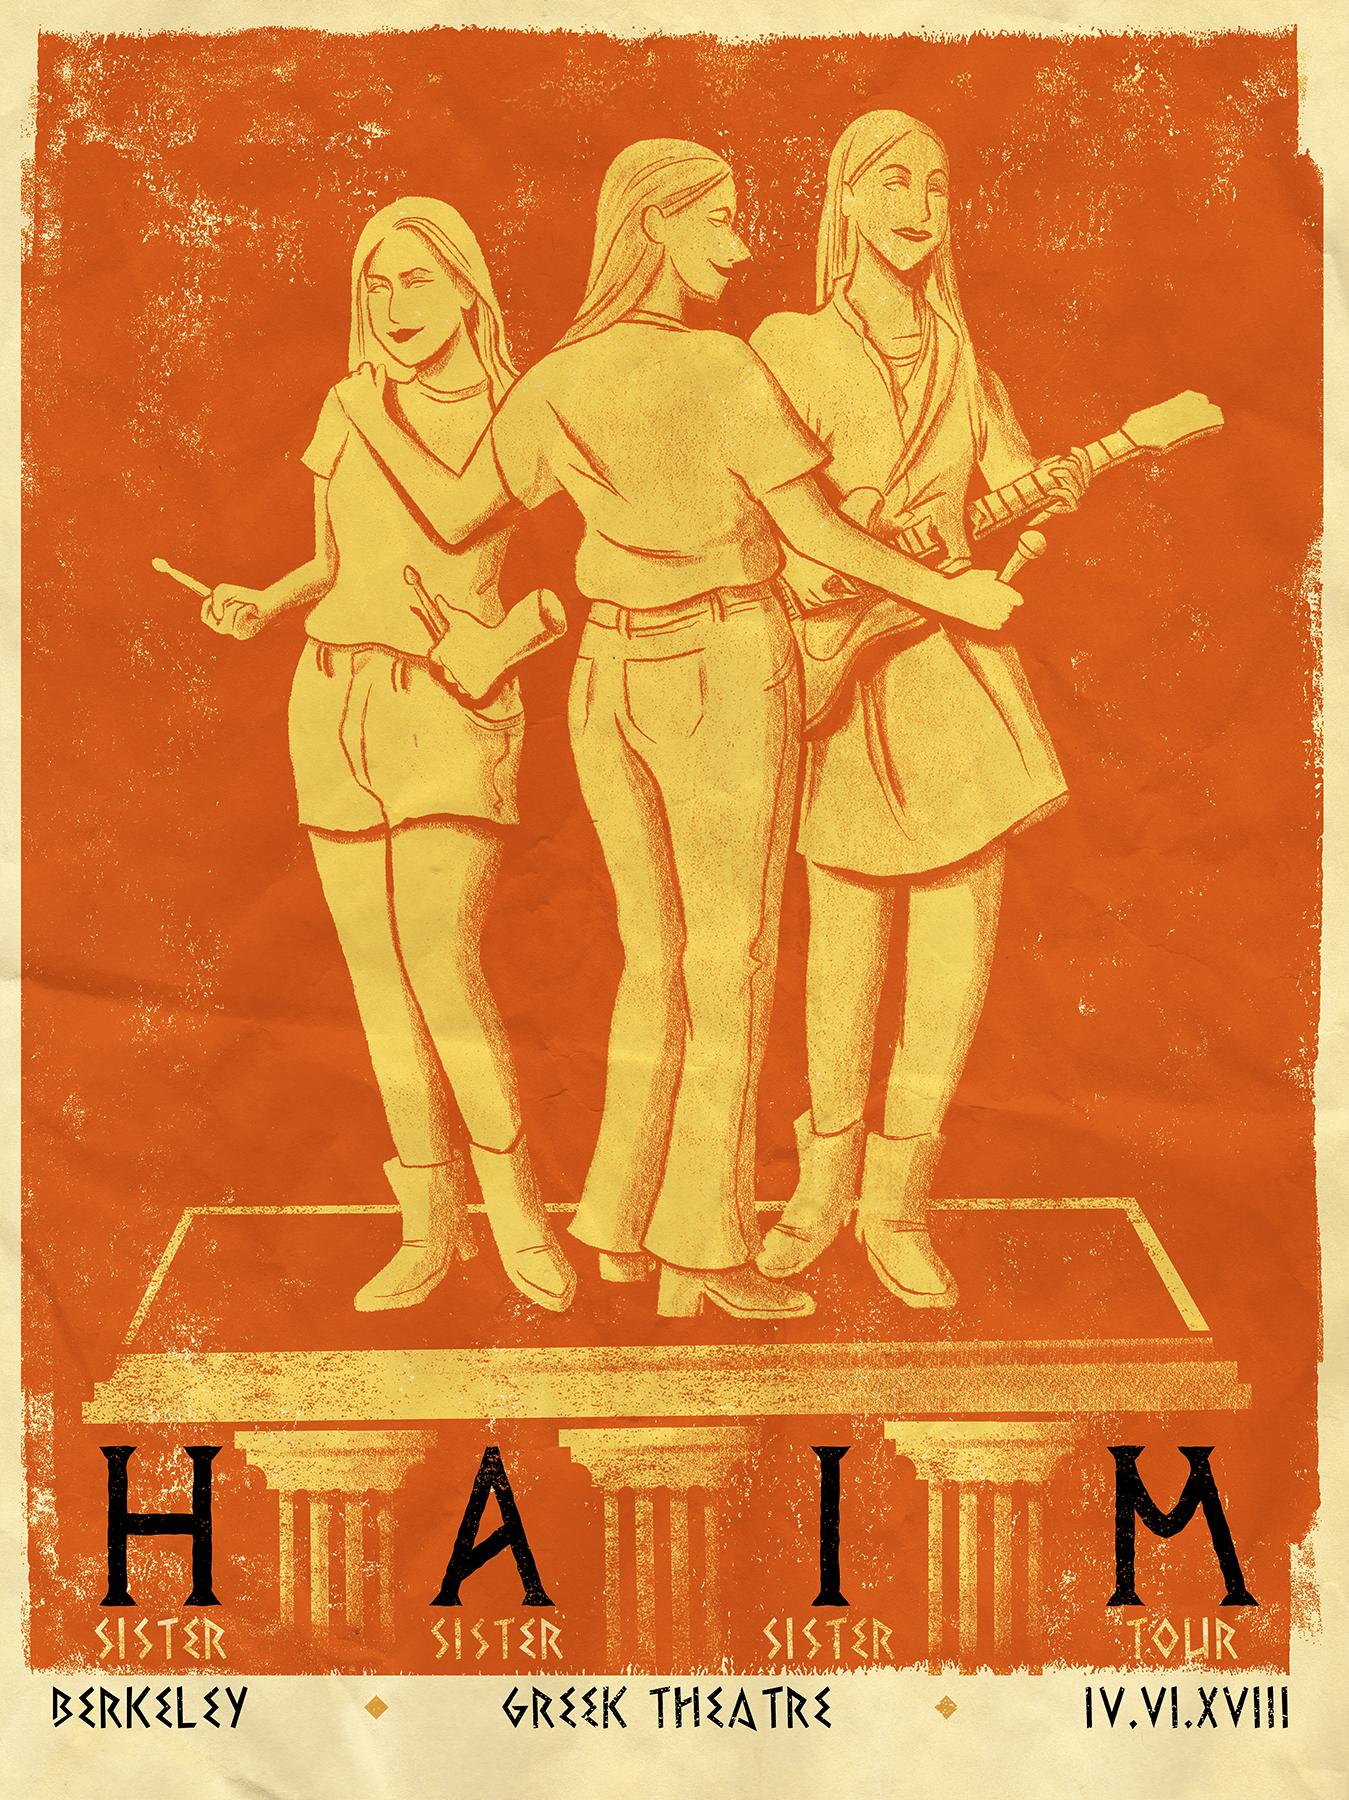 HAIM poster idea